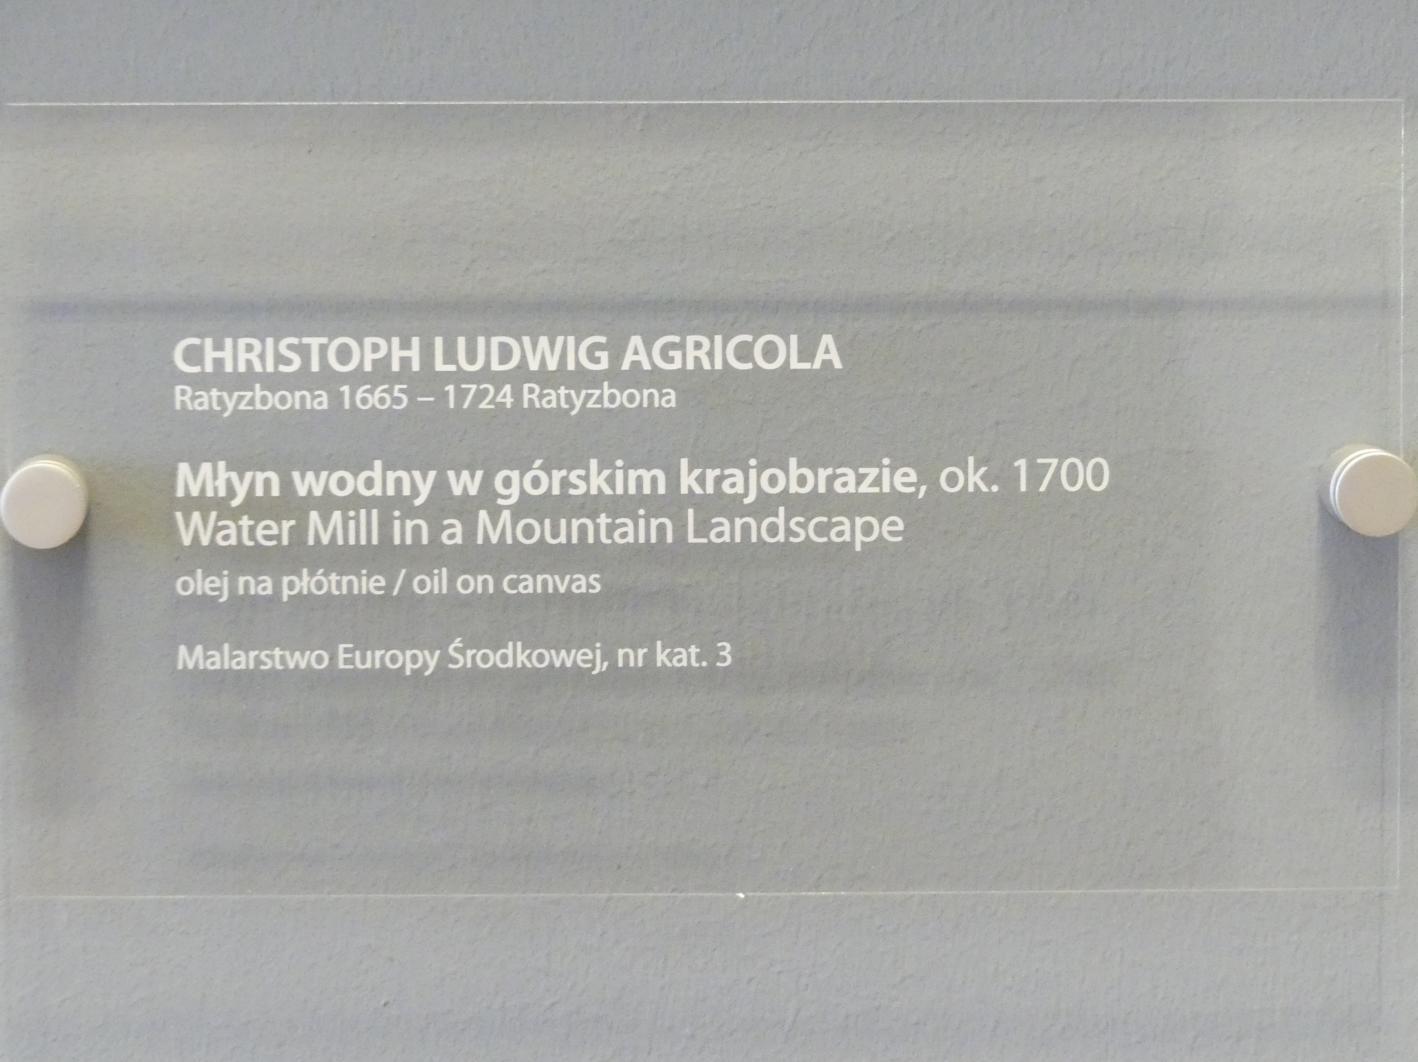 Christoph Ludwig Agricola: Wassermühle in einer Berglandschaft, um 1700, Bild 2/2